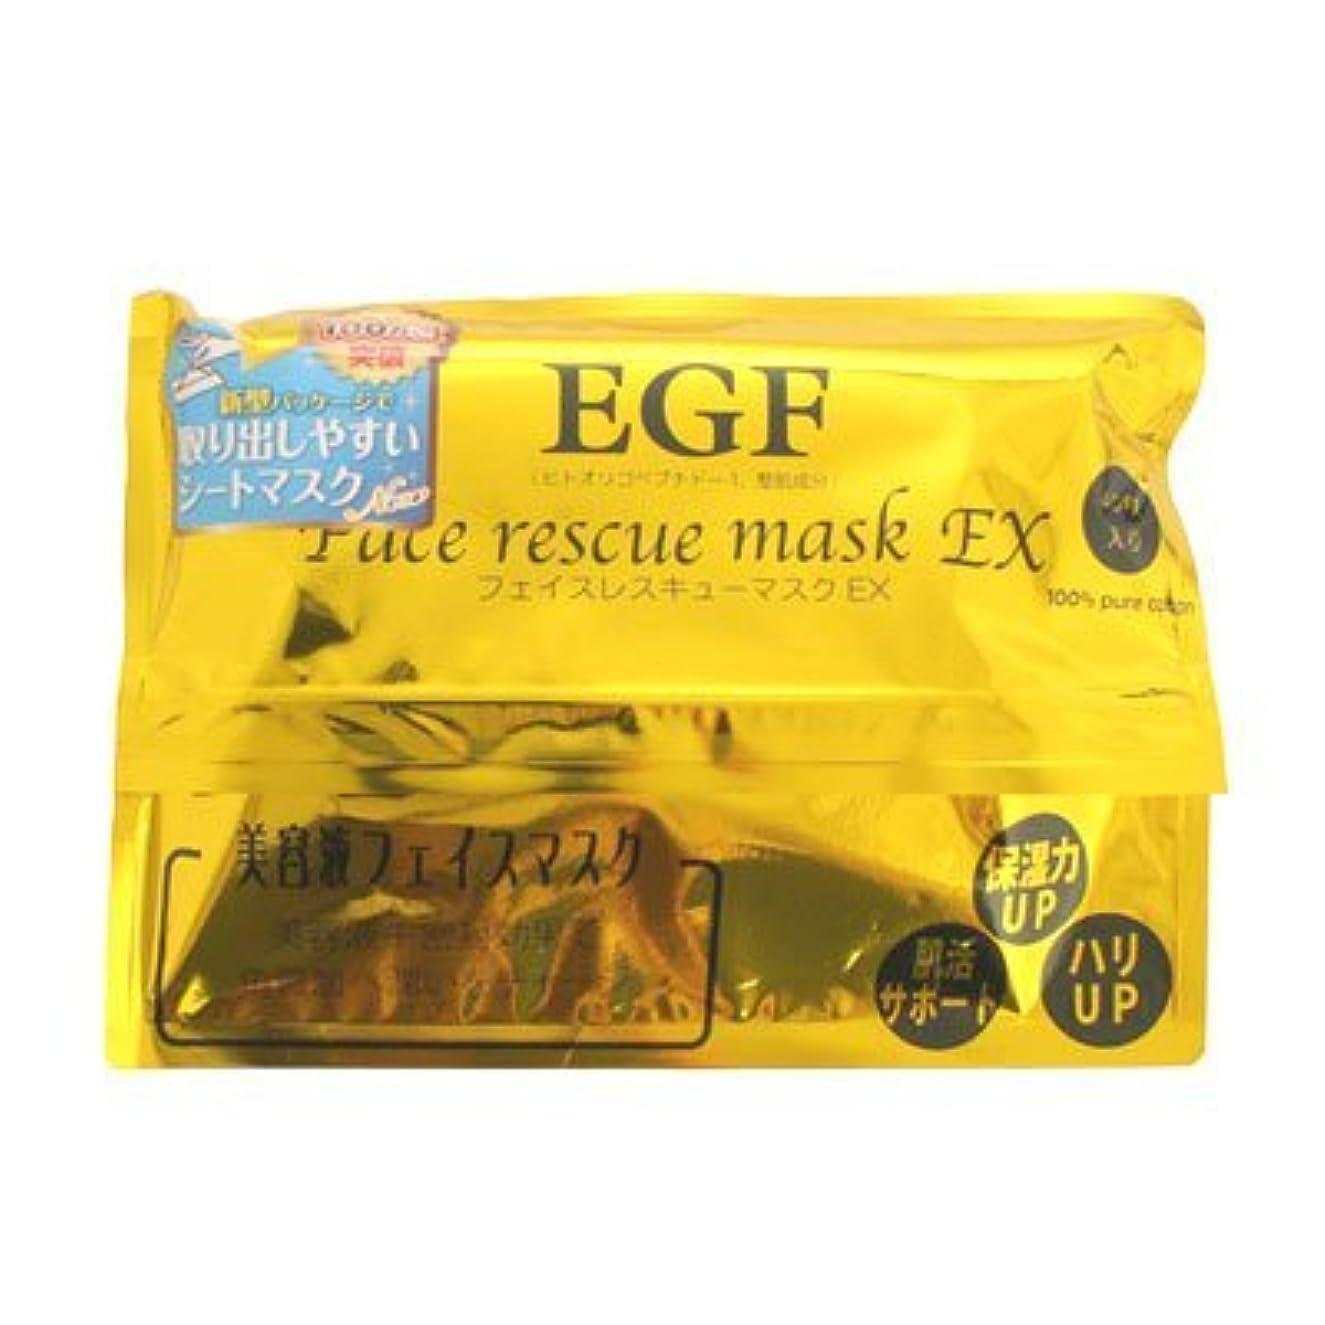 病んでいるどちらか竜巻EGF フェイス レスキュー マスク EX (40枚入り) [並行輸入品]